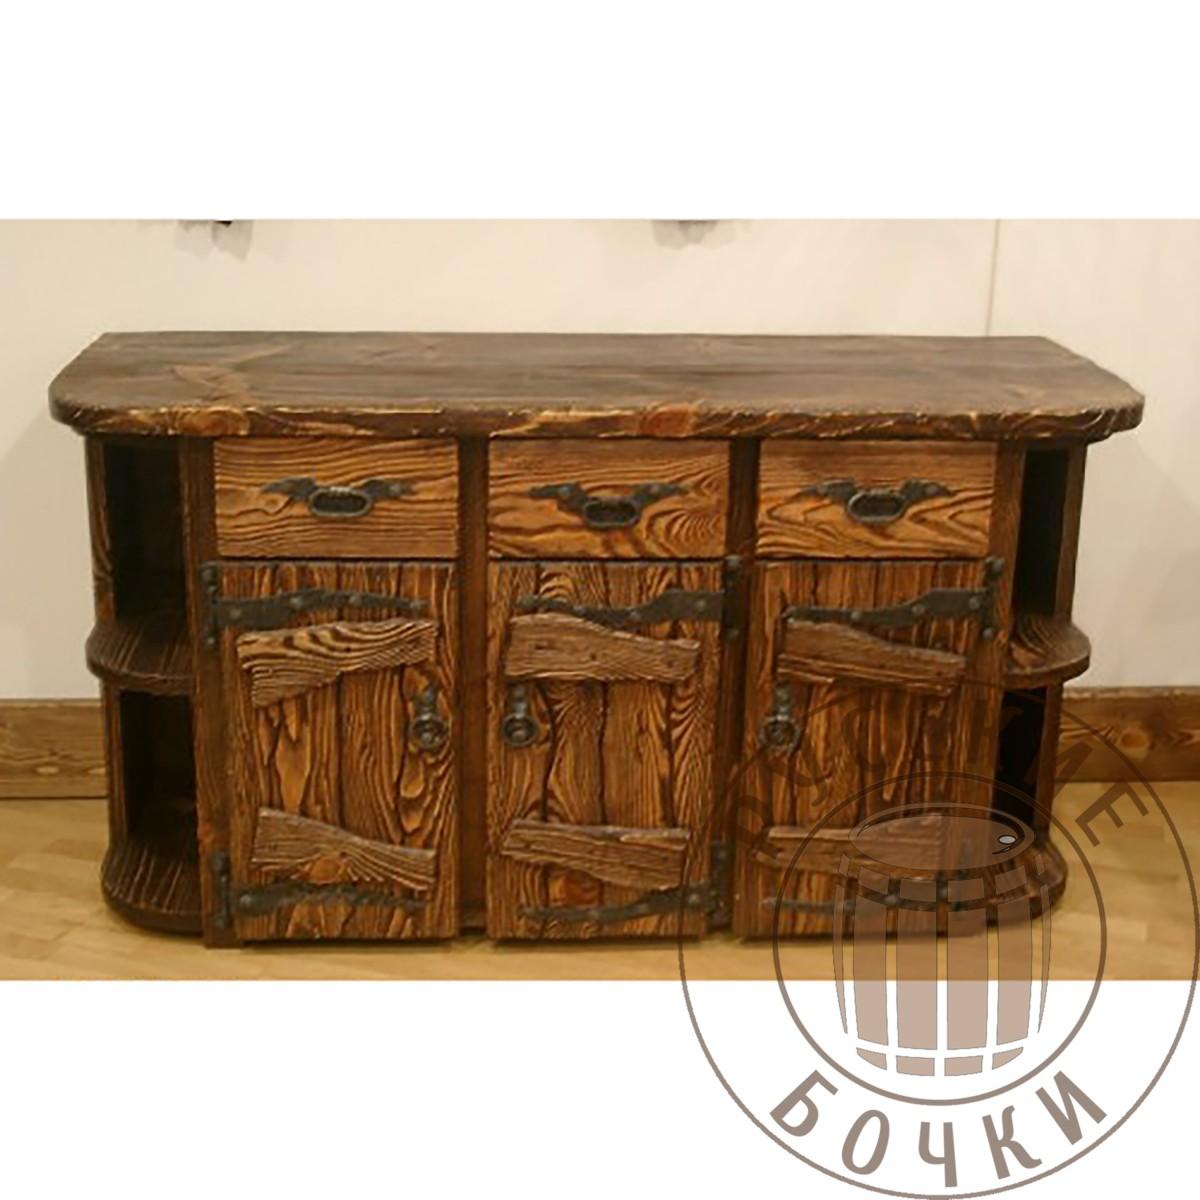 комод стол под старину с элементами ковки из массива дерева